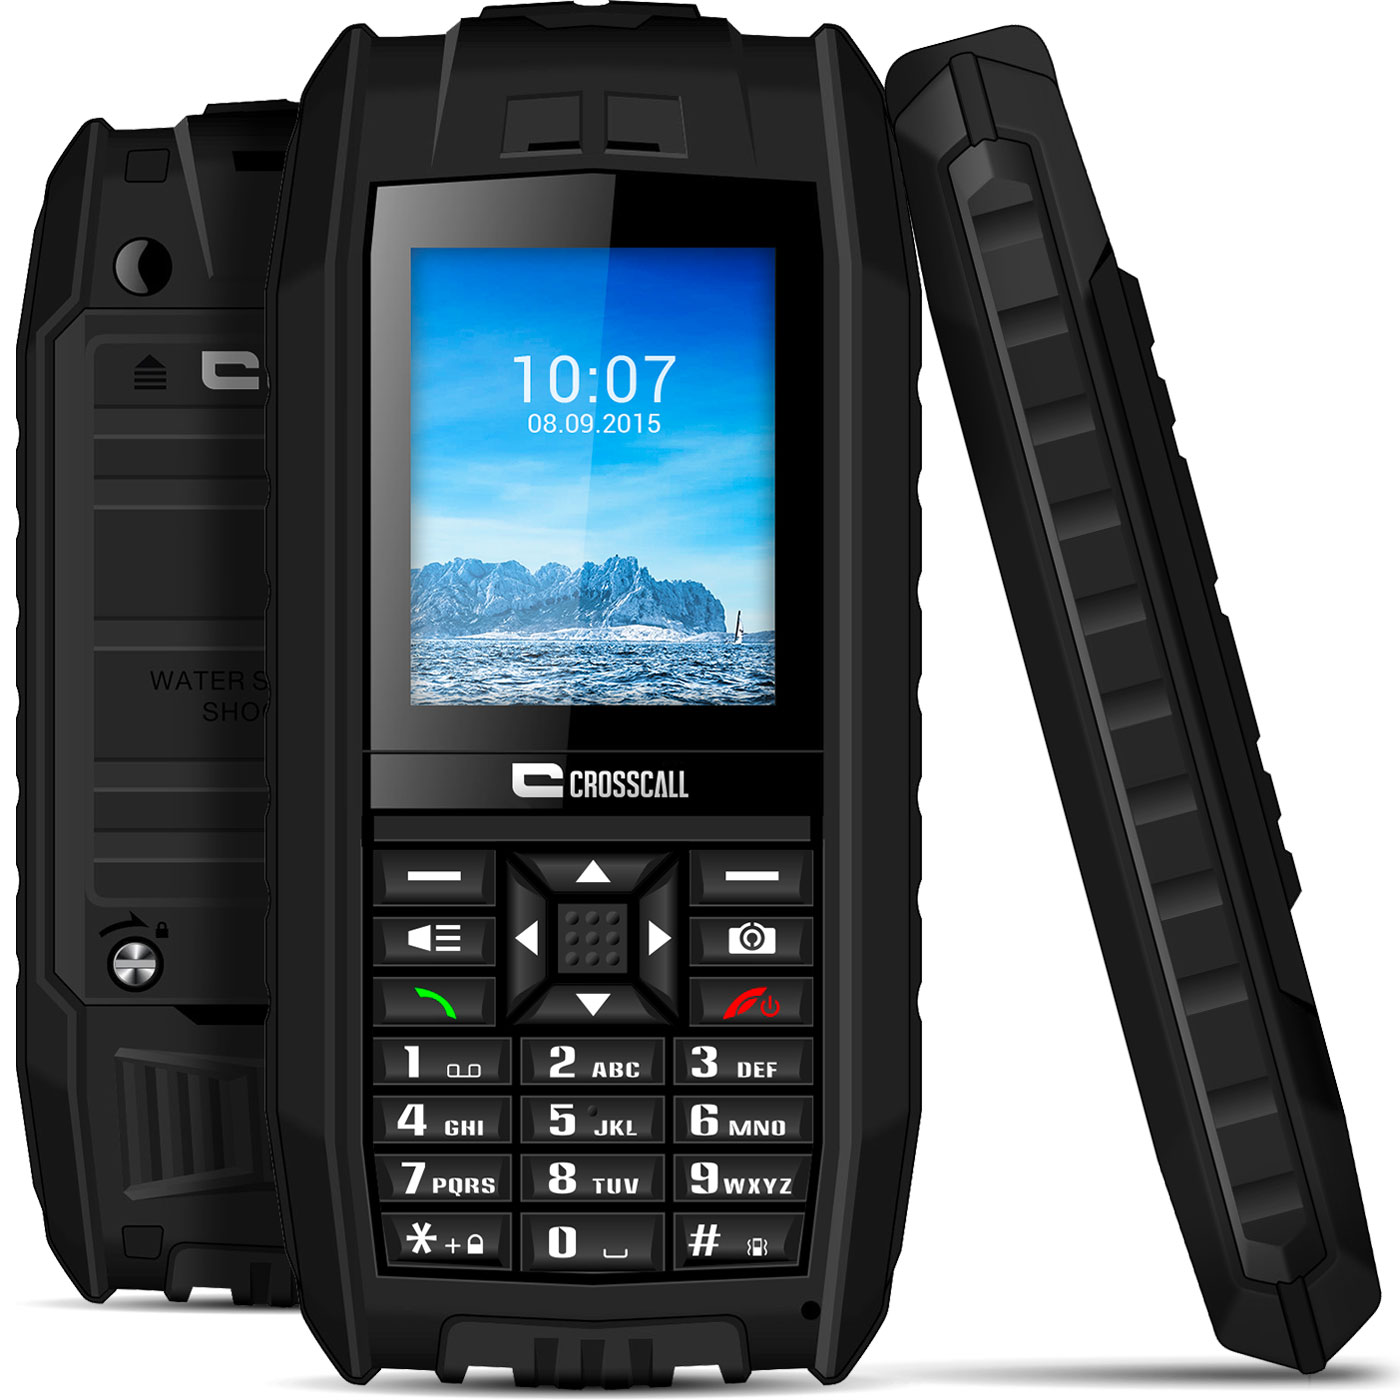 Crosscall shark v2 noir mobile smartphone crosscall - Smartphone incassable pas cher ...